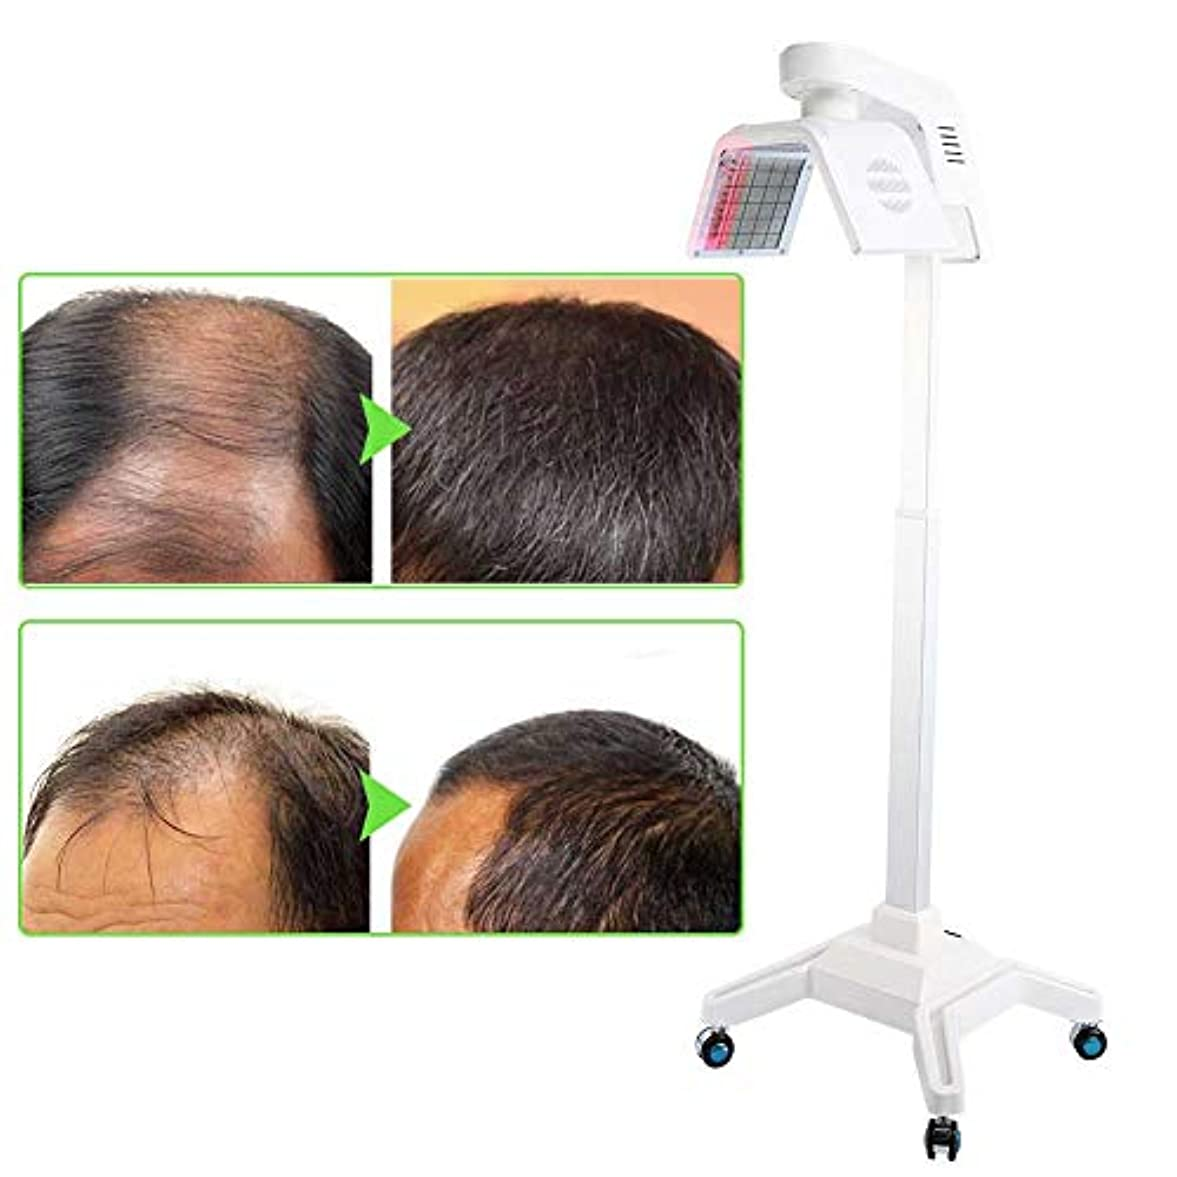 課税進行中ボート育毛システム650NMは、薄毛の男性と女性のための髪の再成長マシンヘアケアデバイスを刺激します。